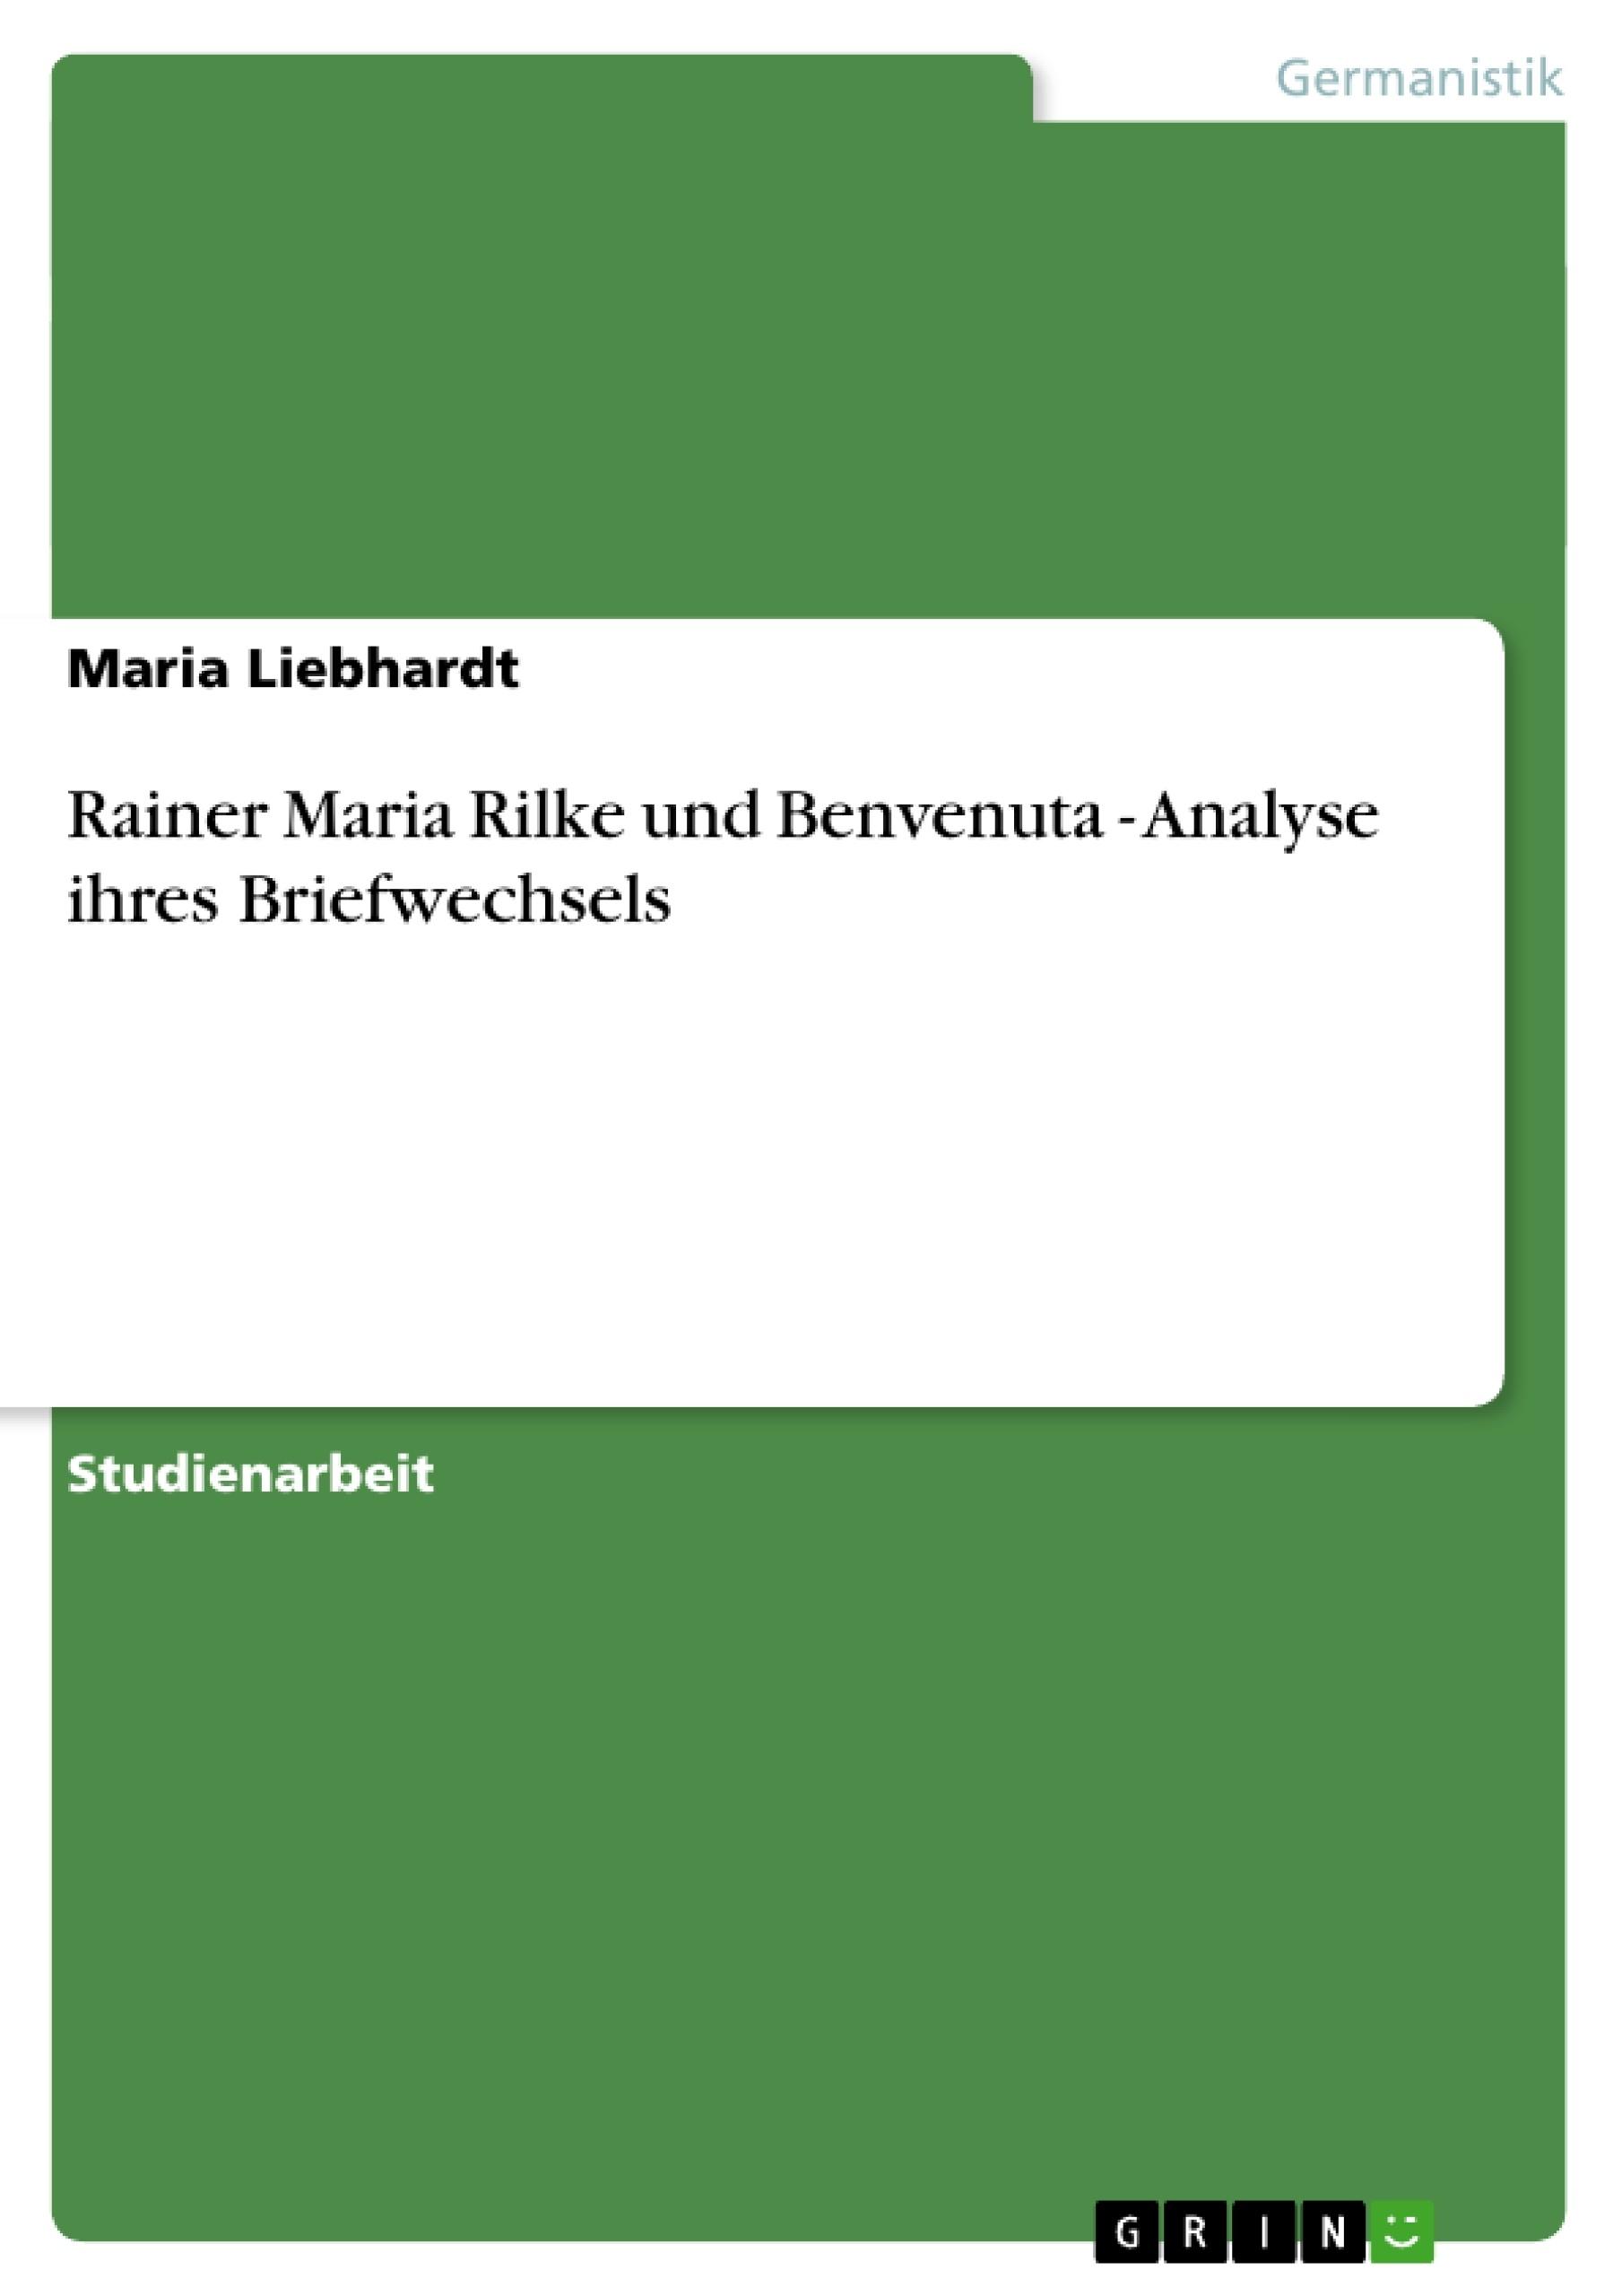 Titel: Rainer Maria Rilke und Benvenuta - Analyse ihres Briefwechsels